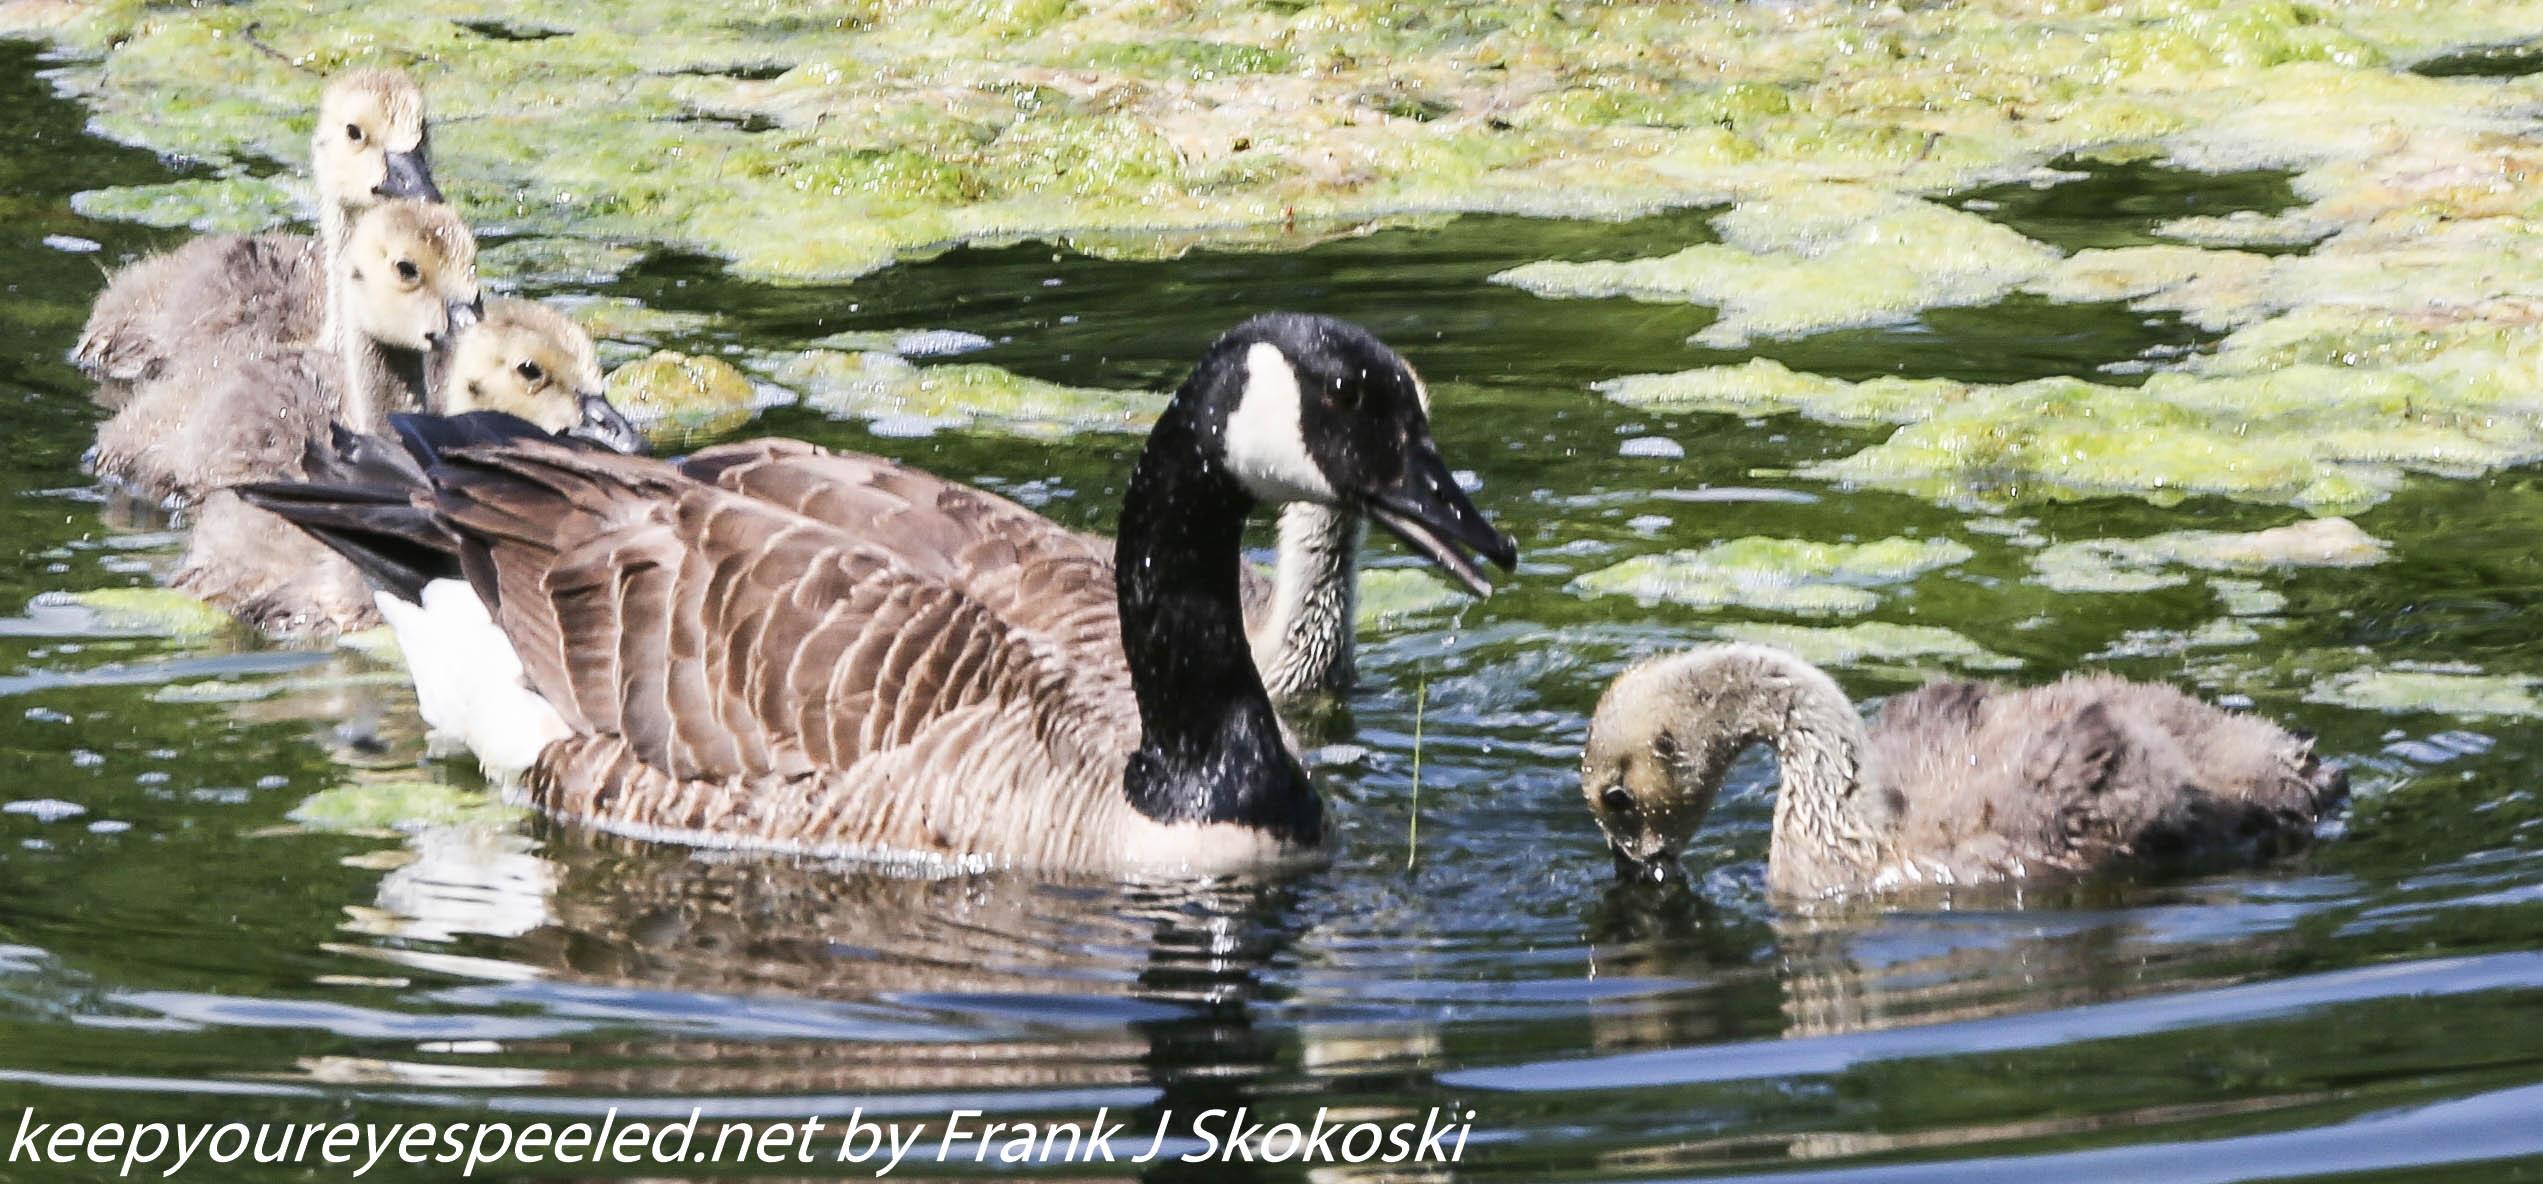 PPl Wetlands birds  (30 of 40)